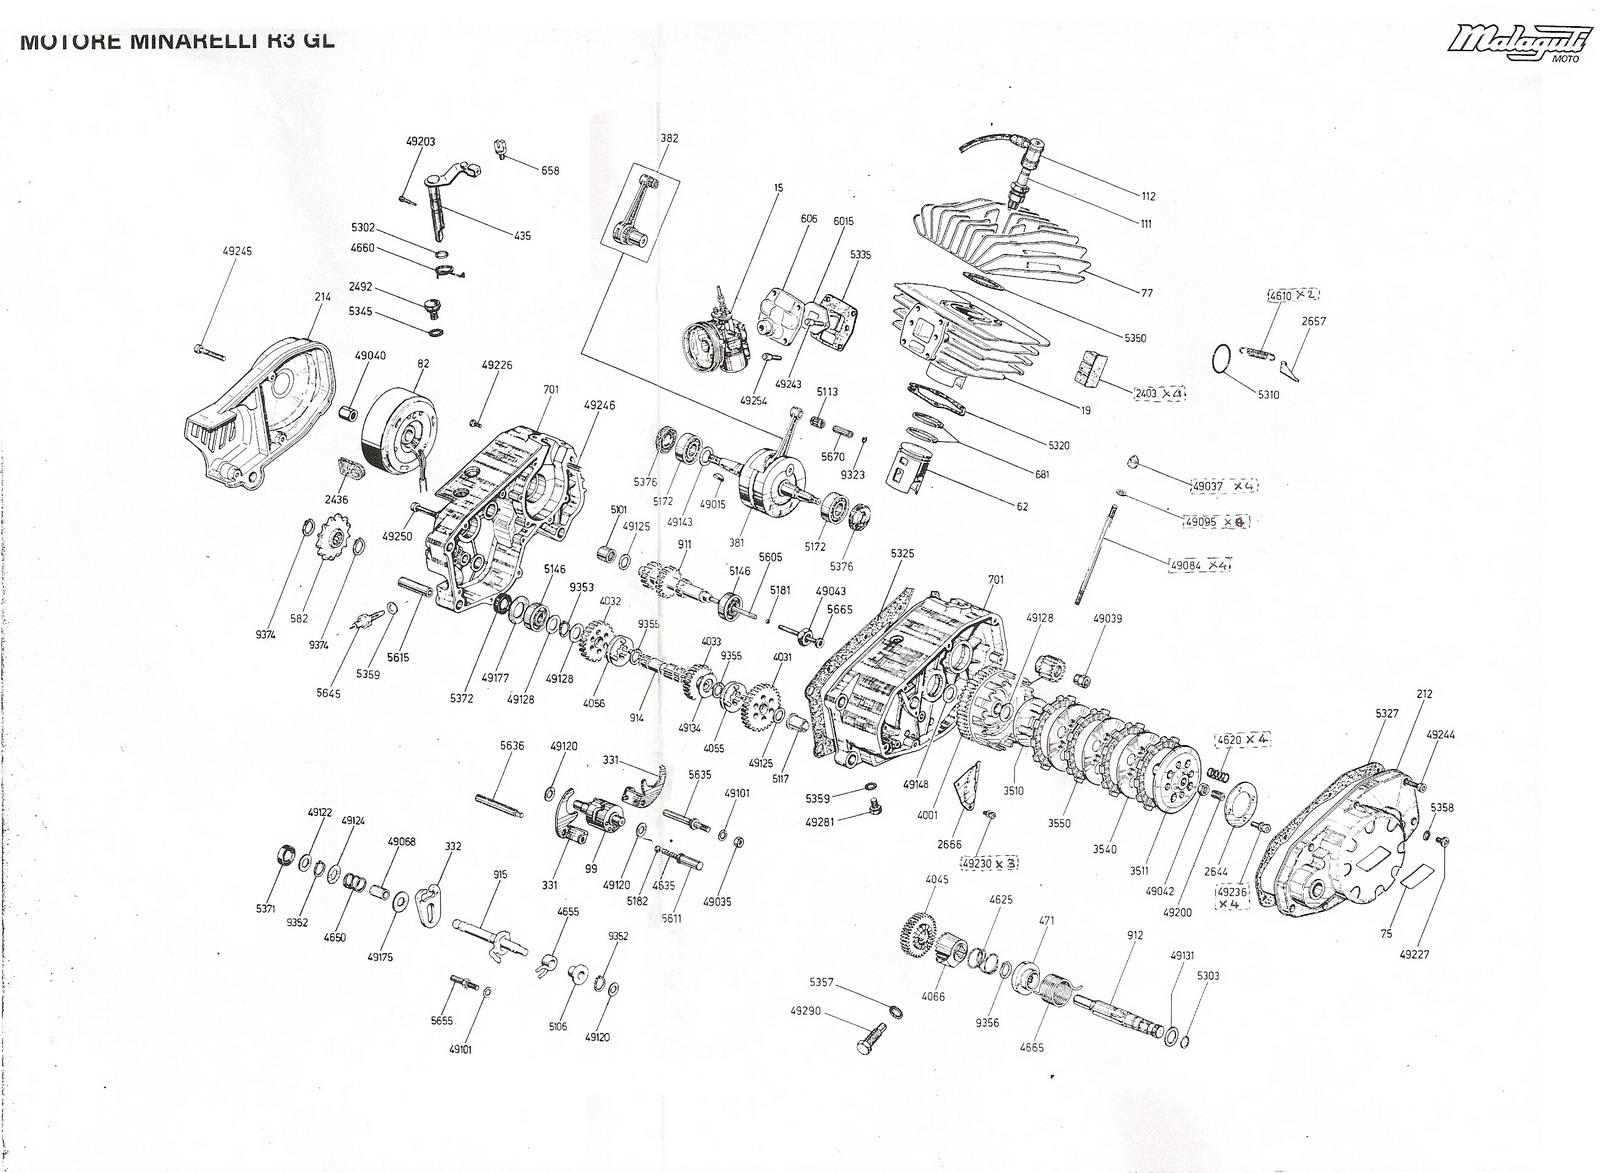 esplosi dei motori morini page 3